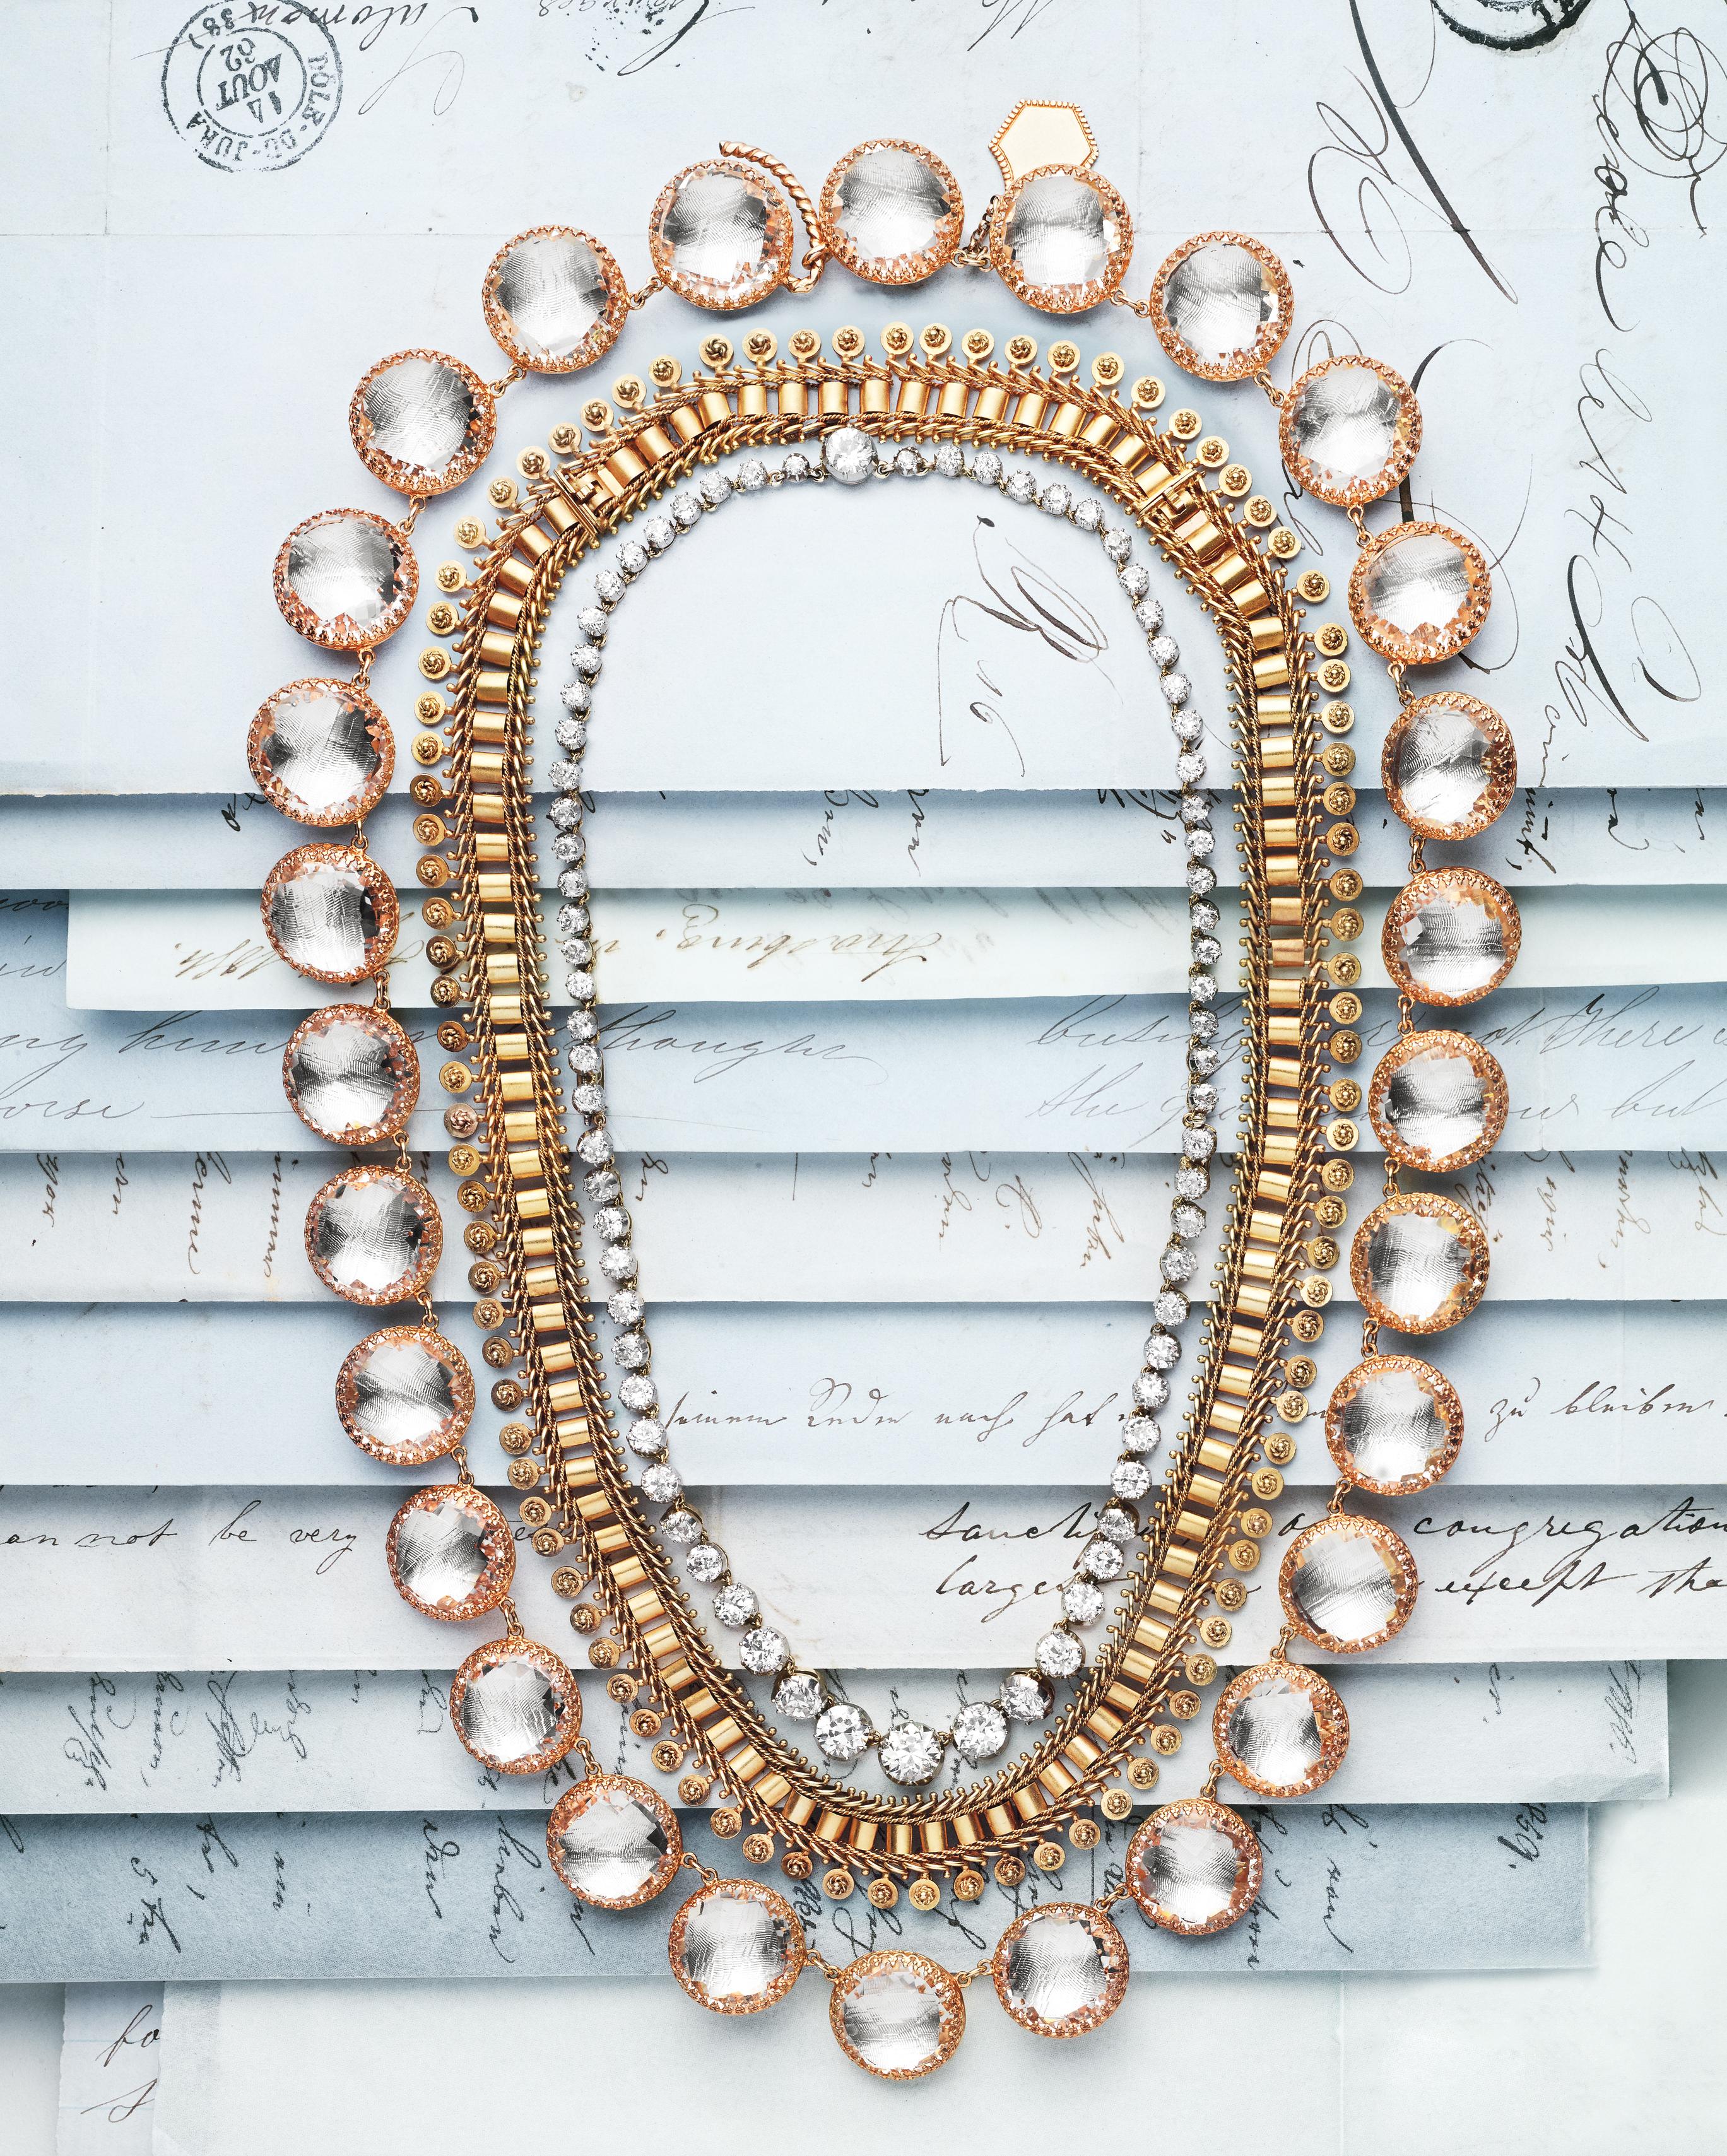 msw-necklace-127d-r1-d112055.jpg